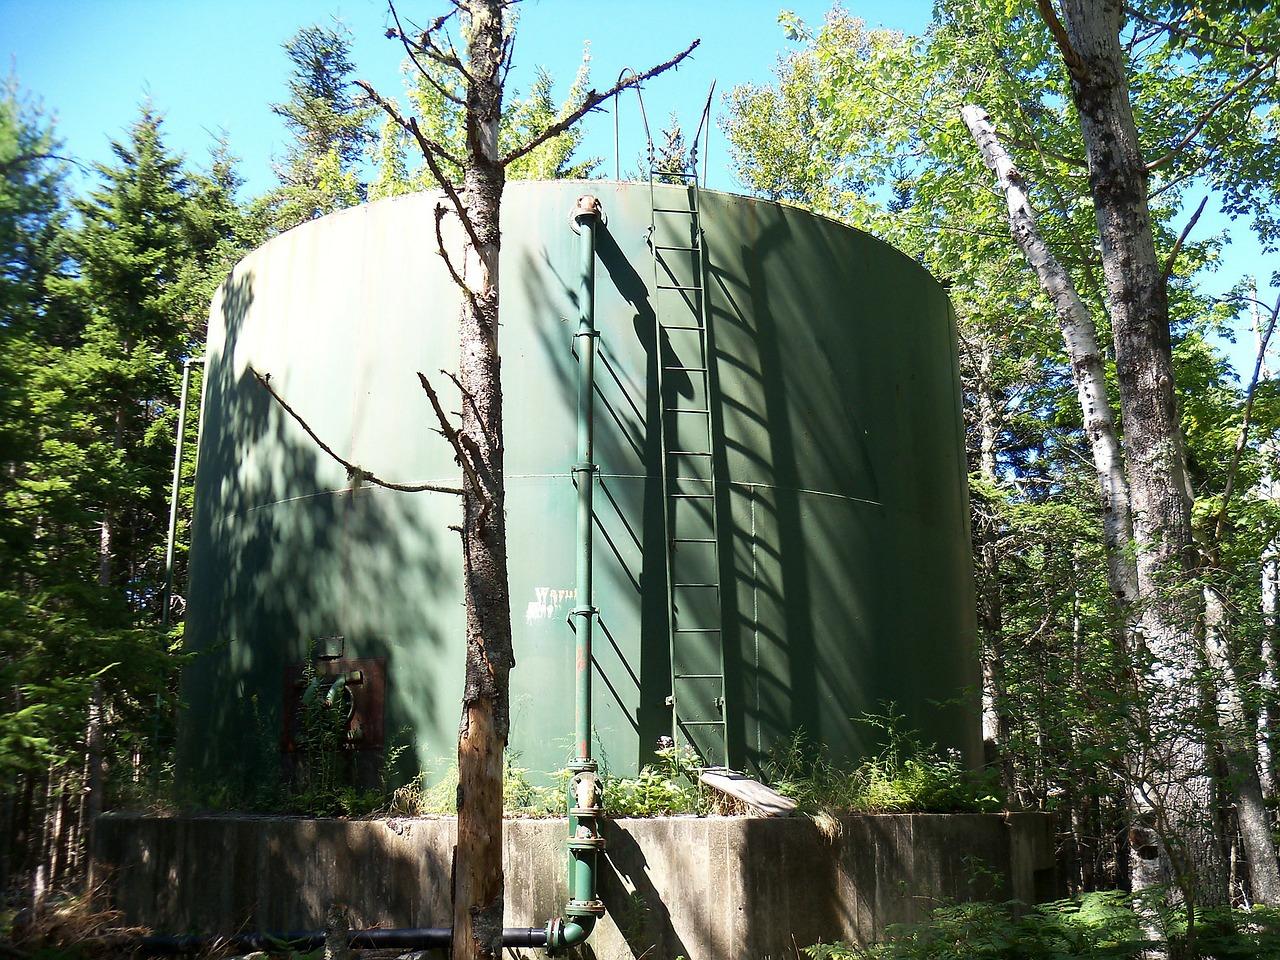 large green water tank